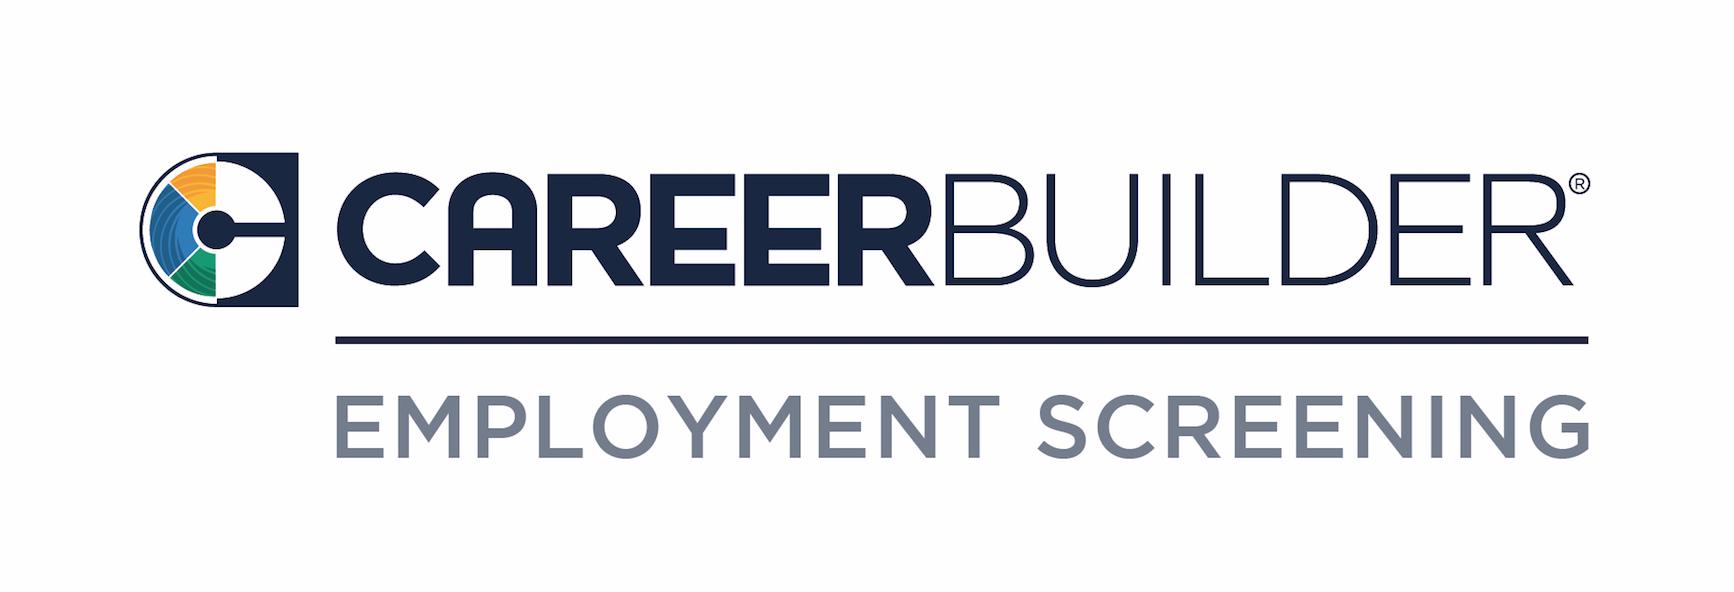 careerbuilder employment screening smartrecruiters marketplace